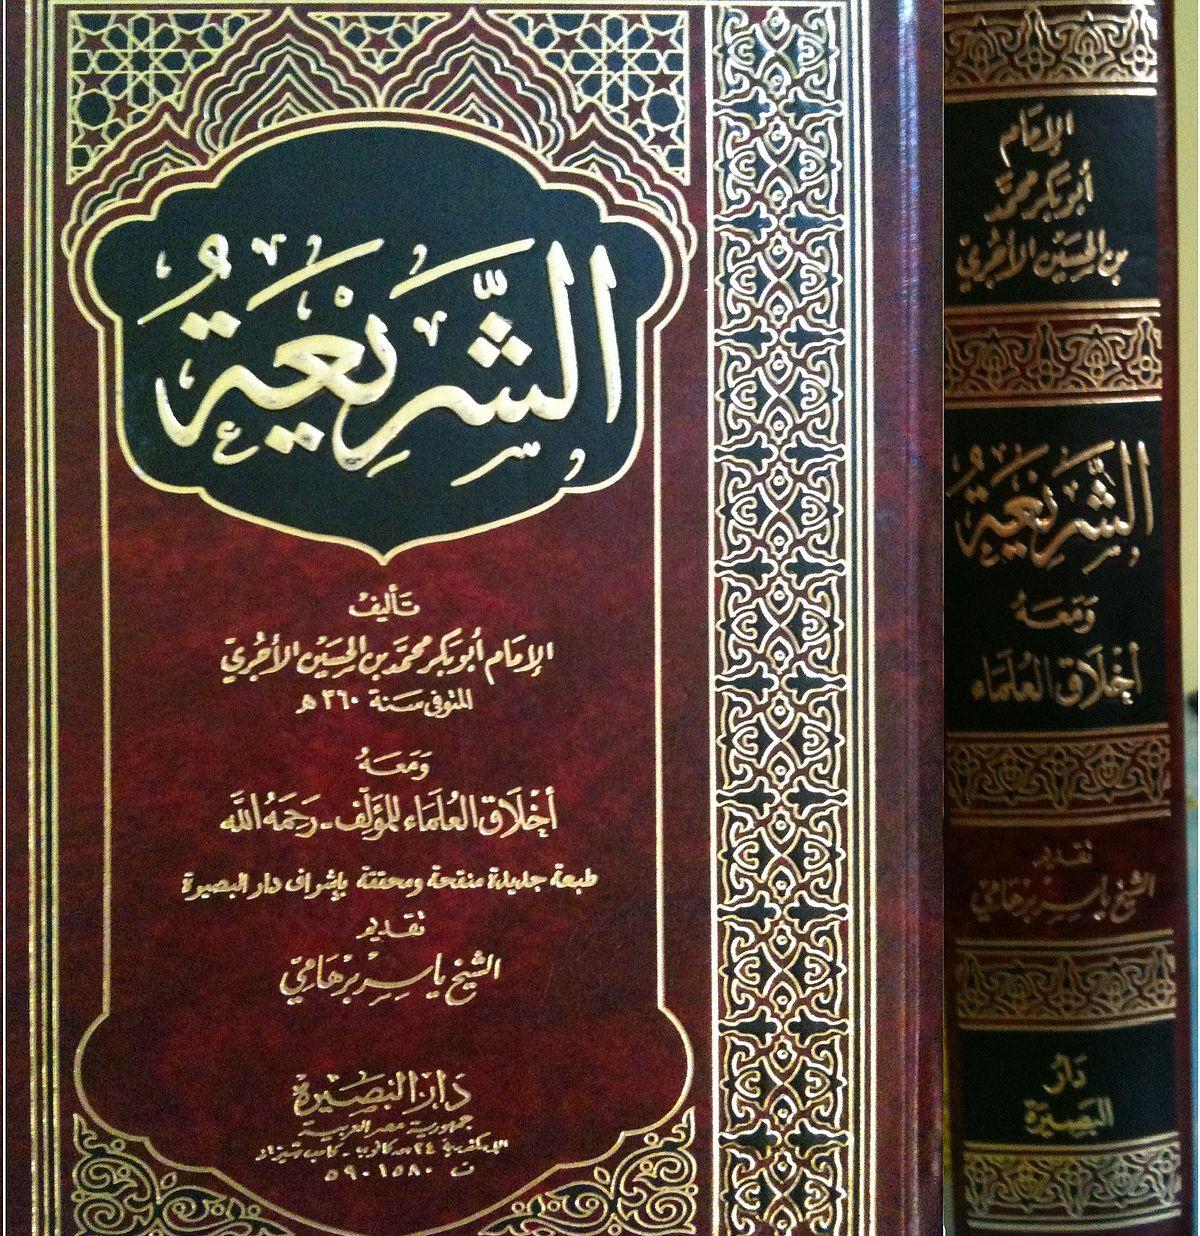 كتاب الشريعة للآجري pdf